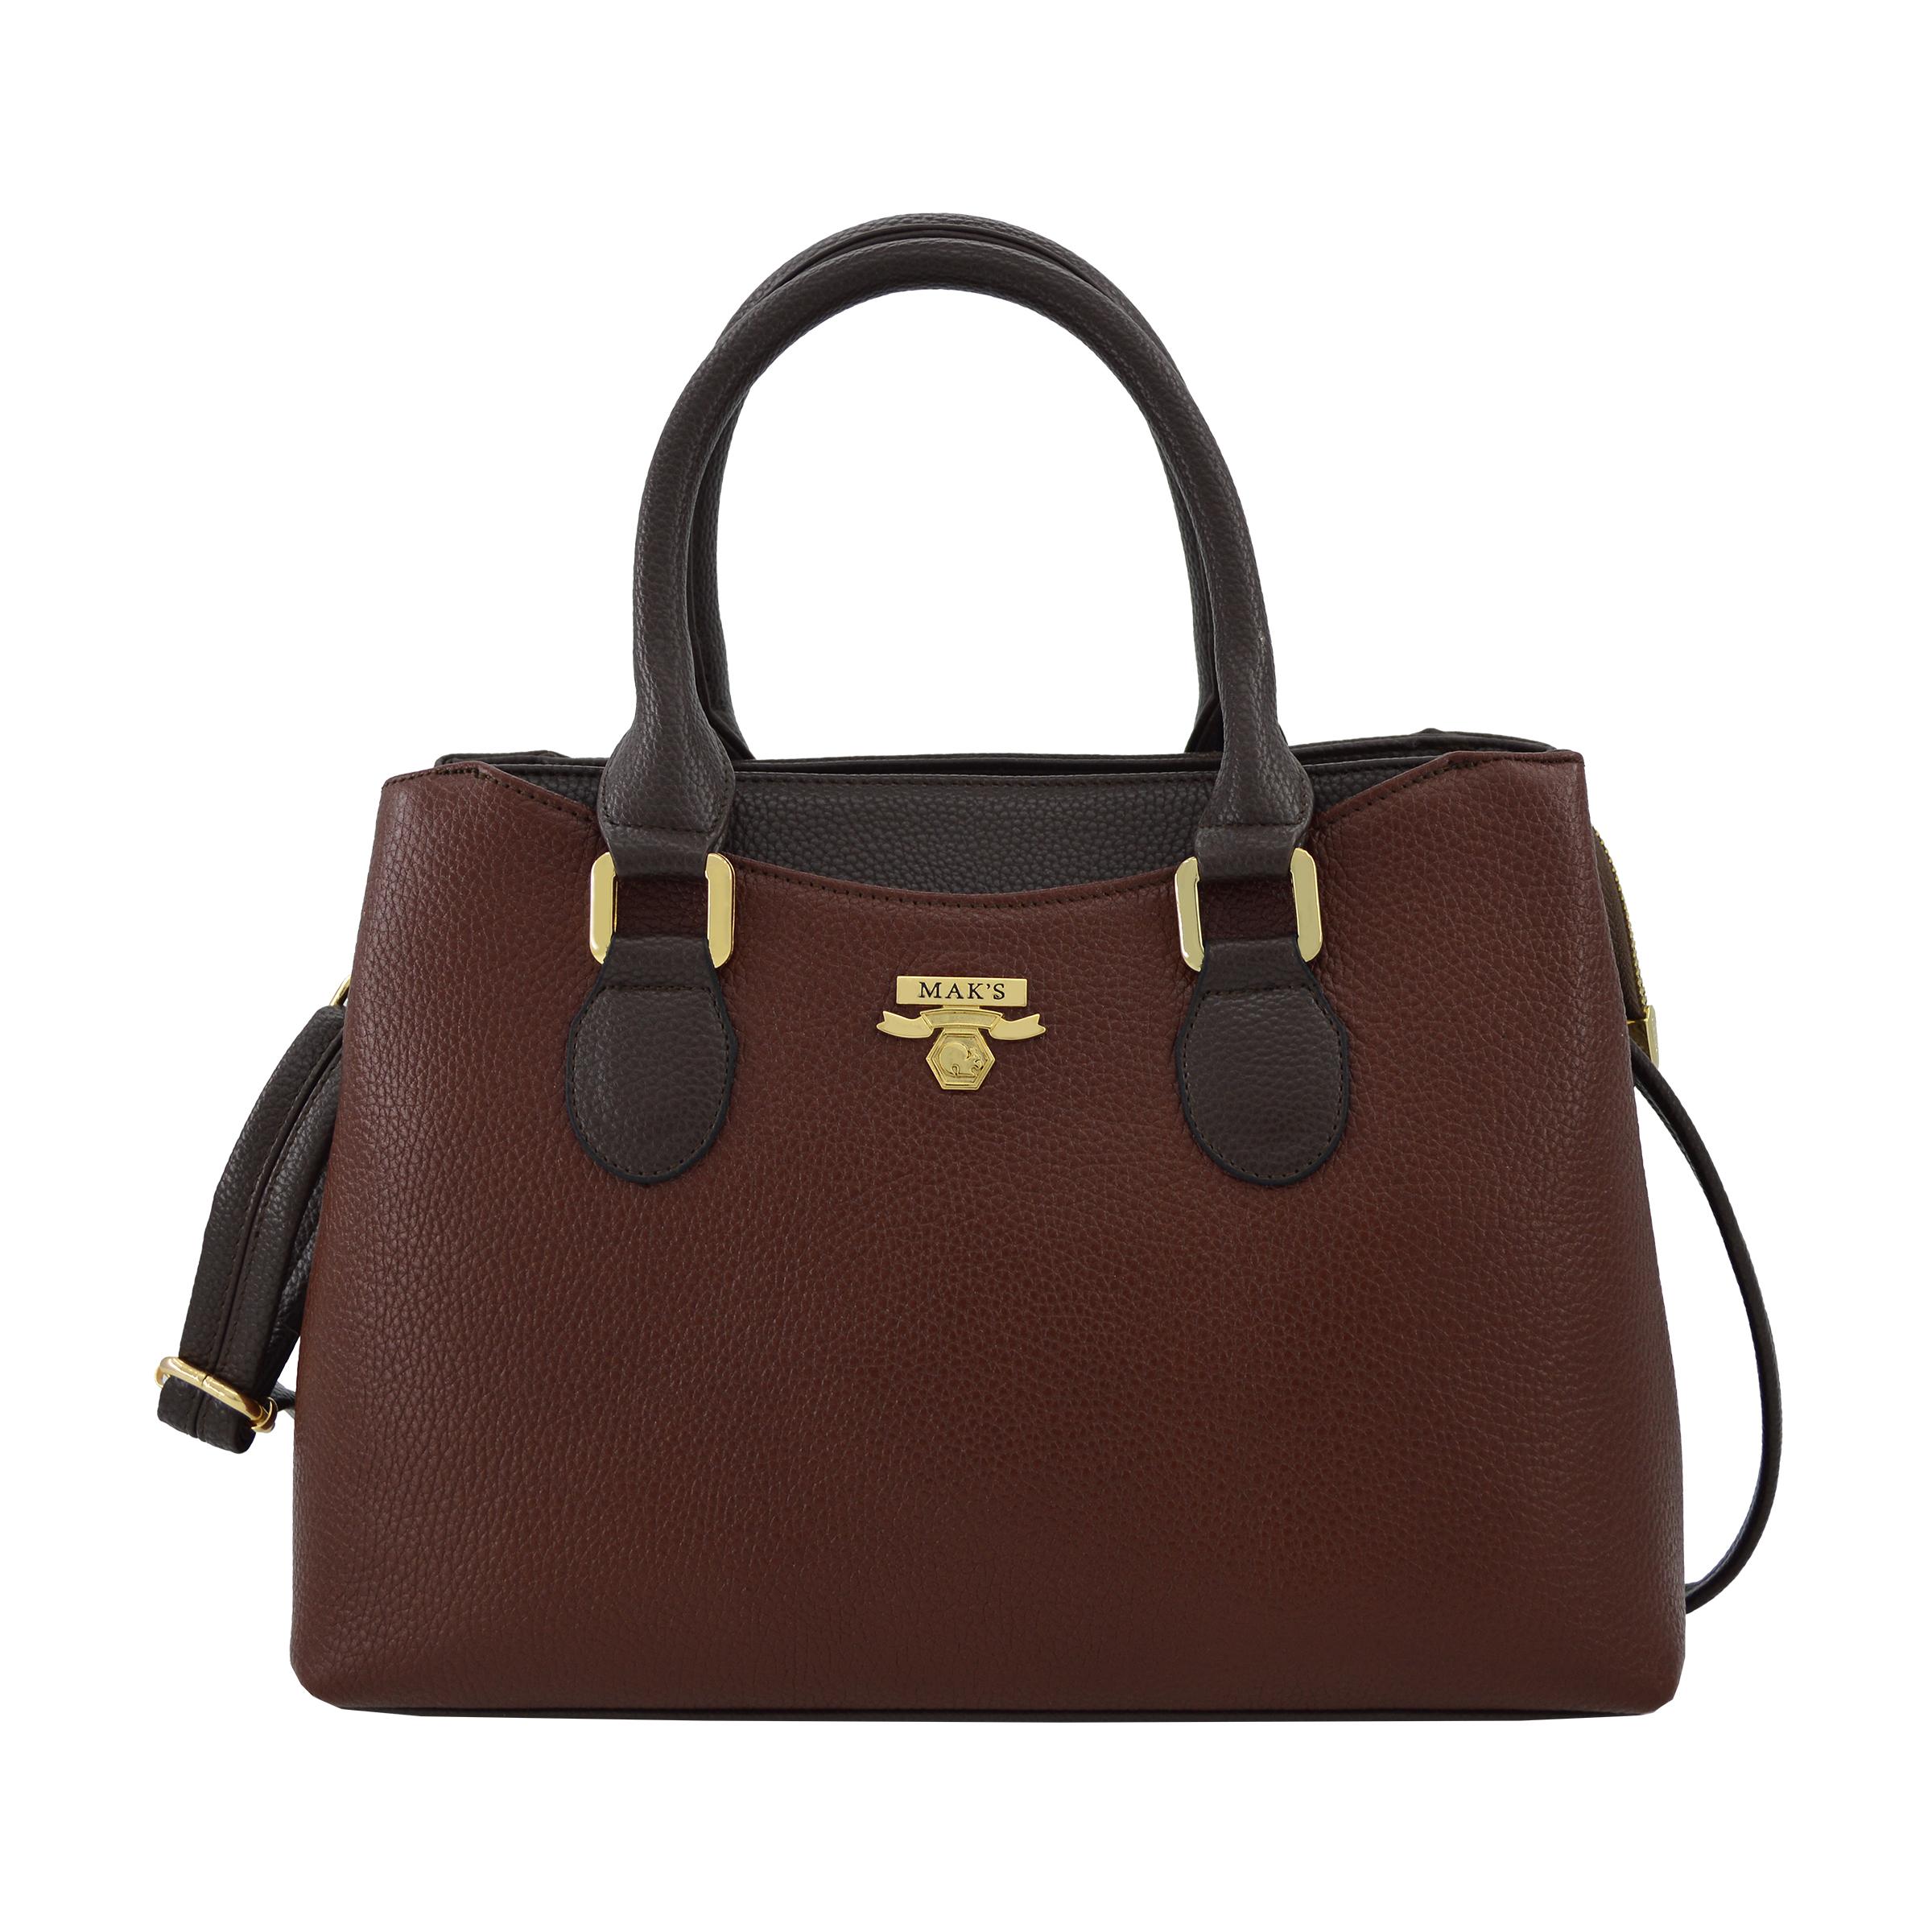 کیف دستی زنانه چرم مکس مدل آلدورا 11008